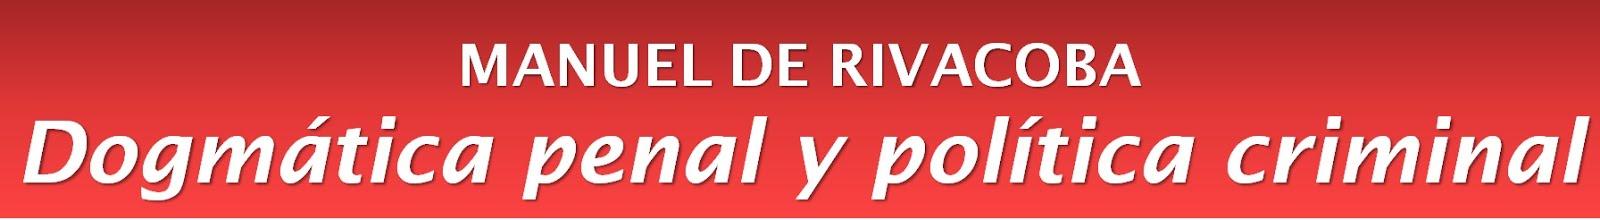 RIVACOBA: Dogmática penal y política criminal.